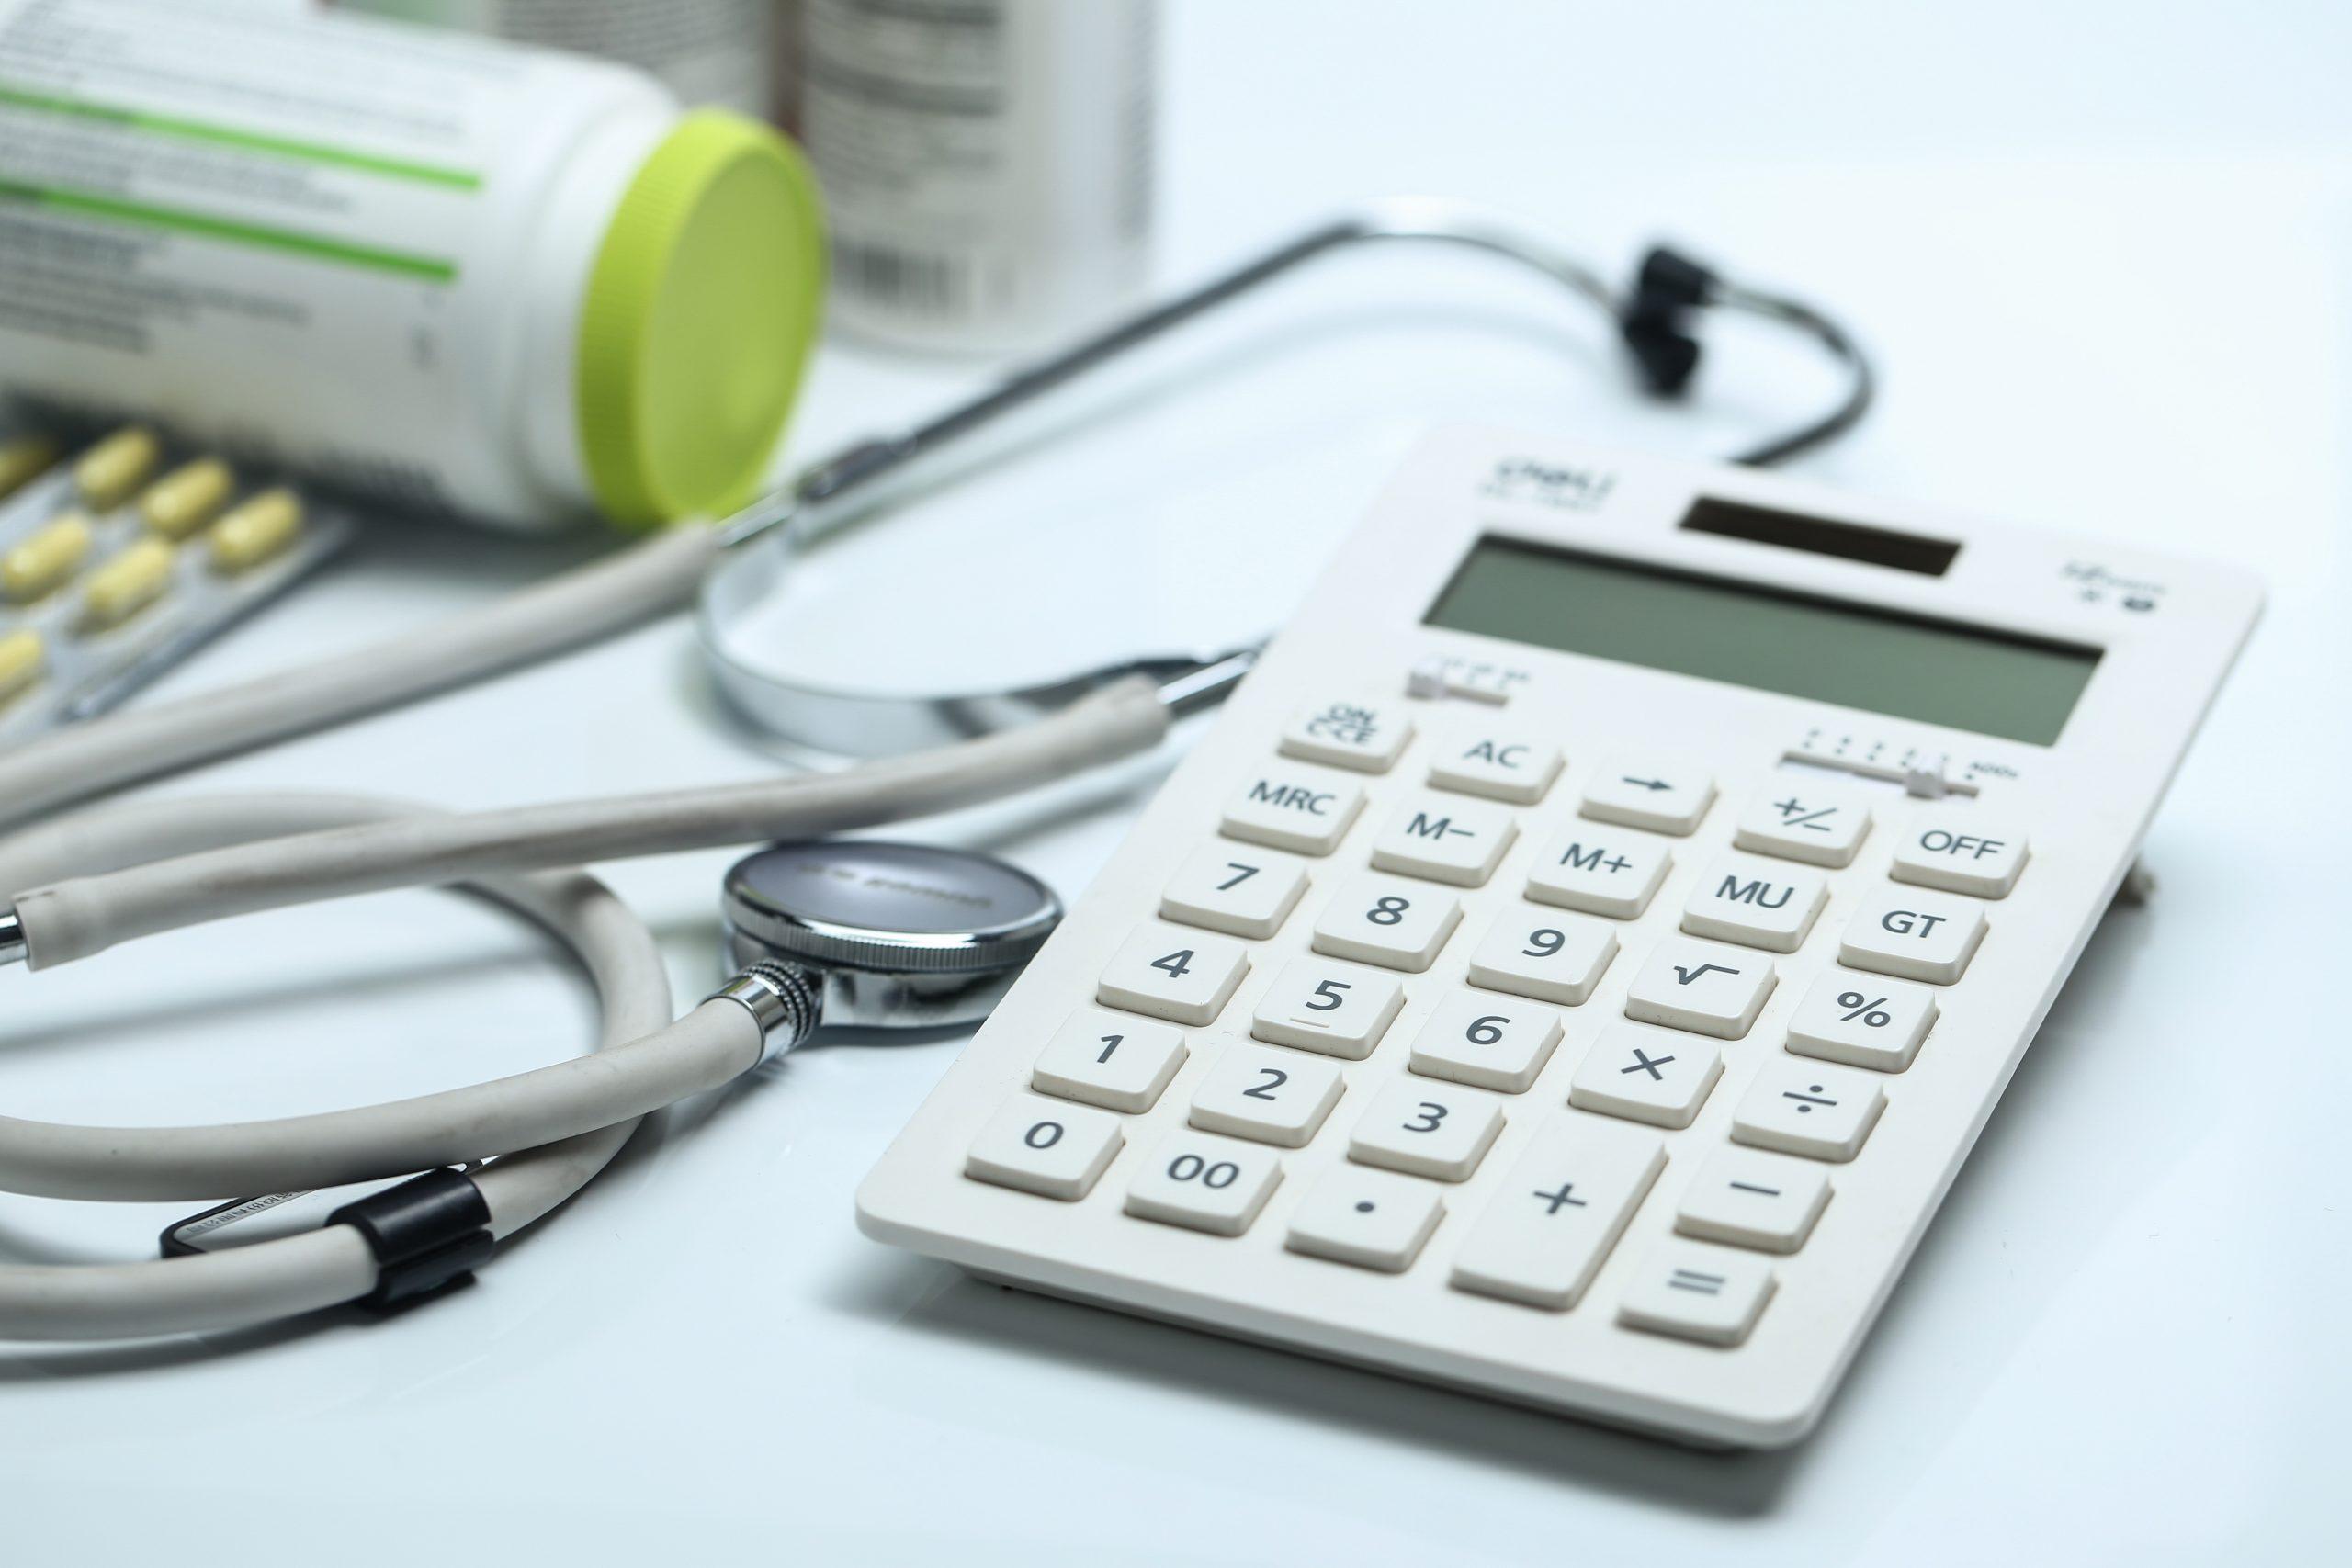 Reforma pode aumentar em até 40,4% carga tributária do setor de medicina diagnóstica